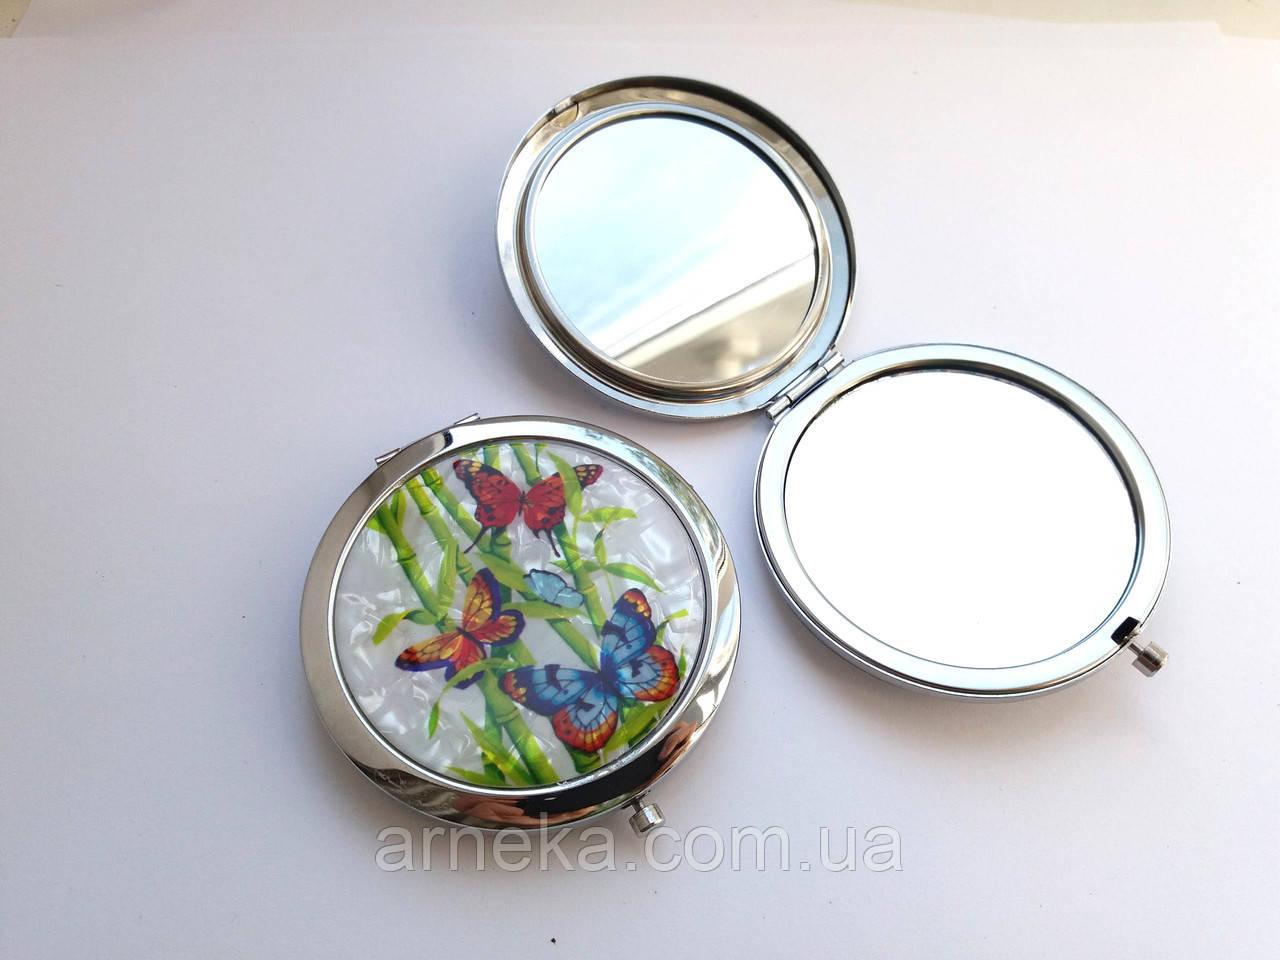 Зеркальце карманное